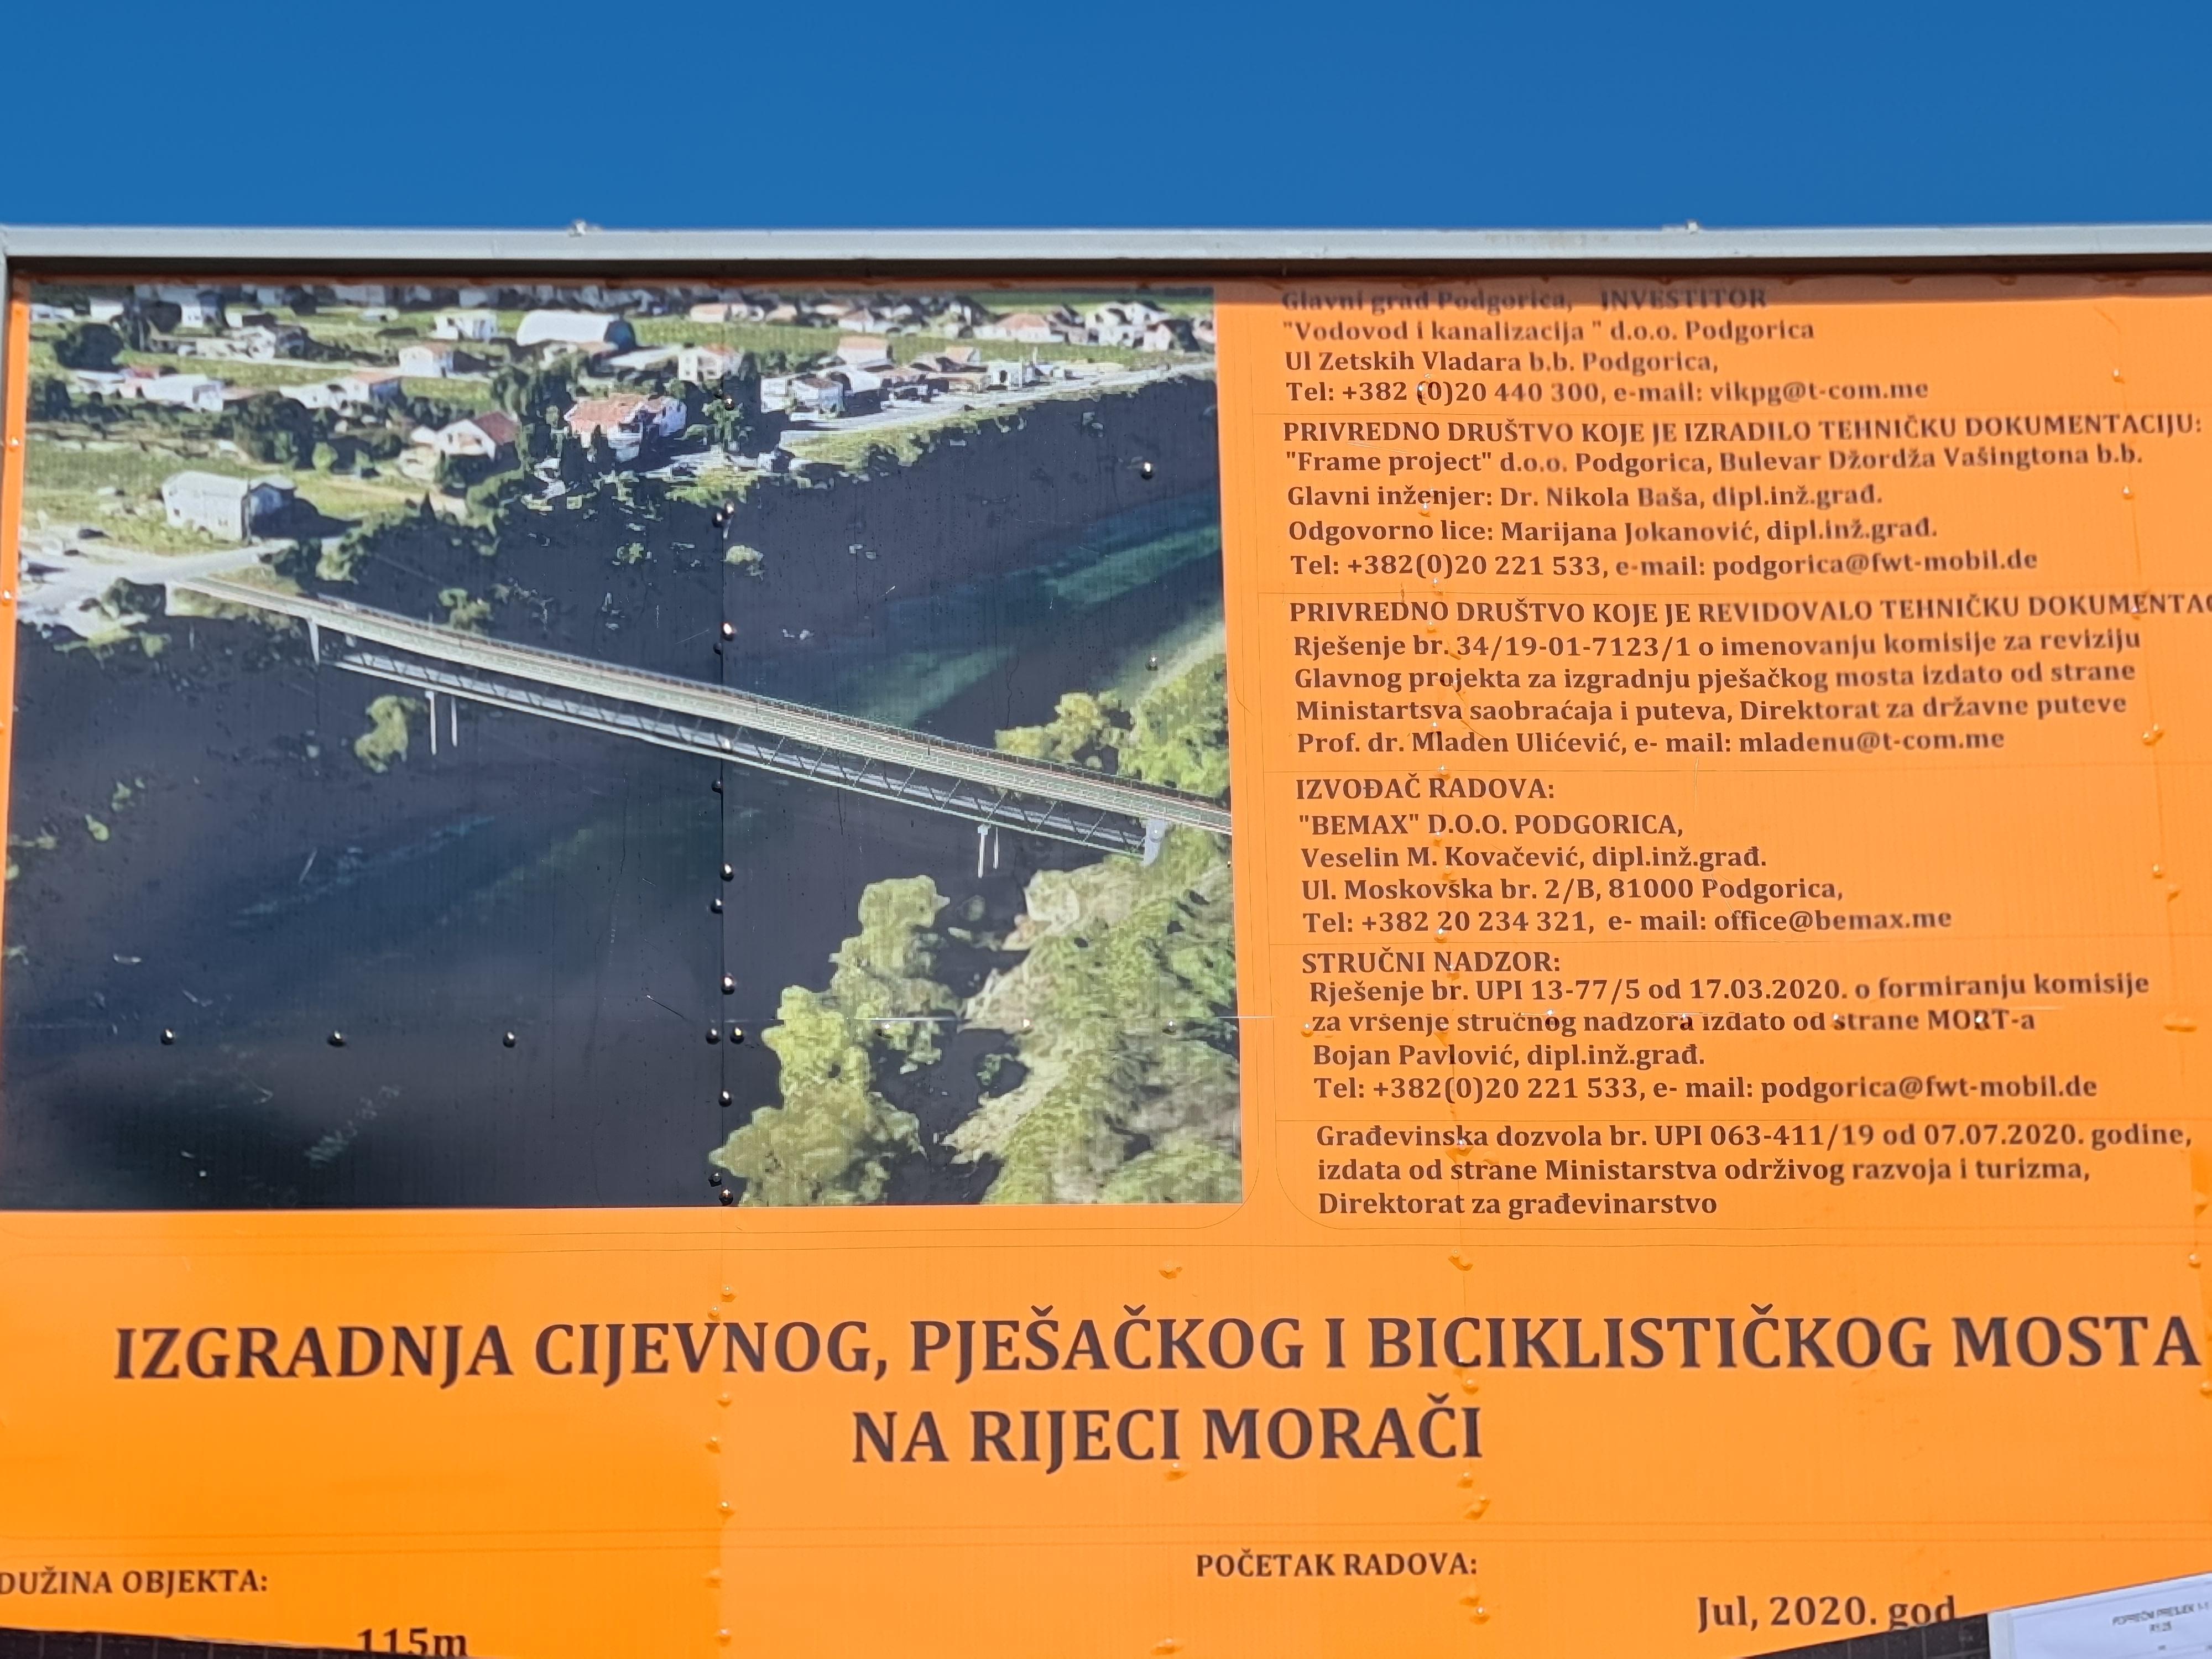 Najava: Obilazak radova na izgradnji pješačkog mosta u okviru projekta izgradnje postrojenja za prečišćavanja otpadnih voda (PPOV)